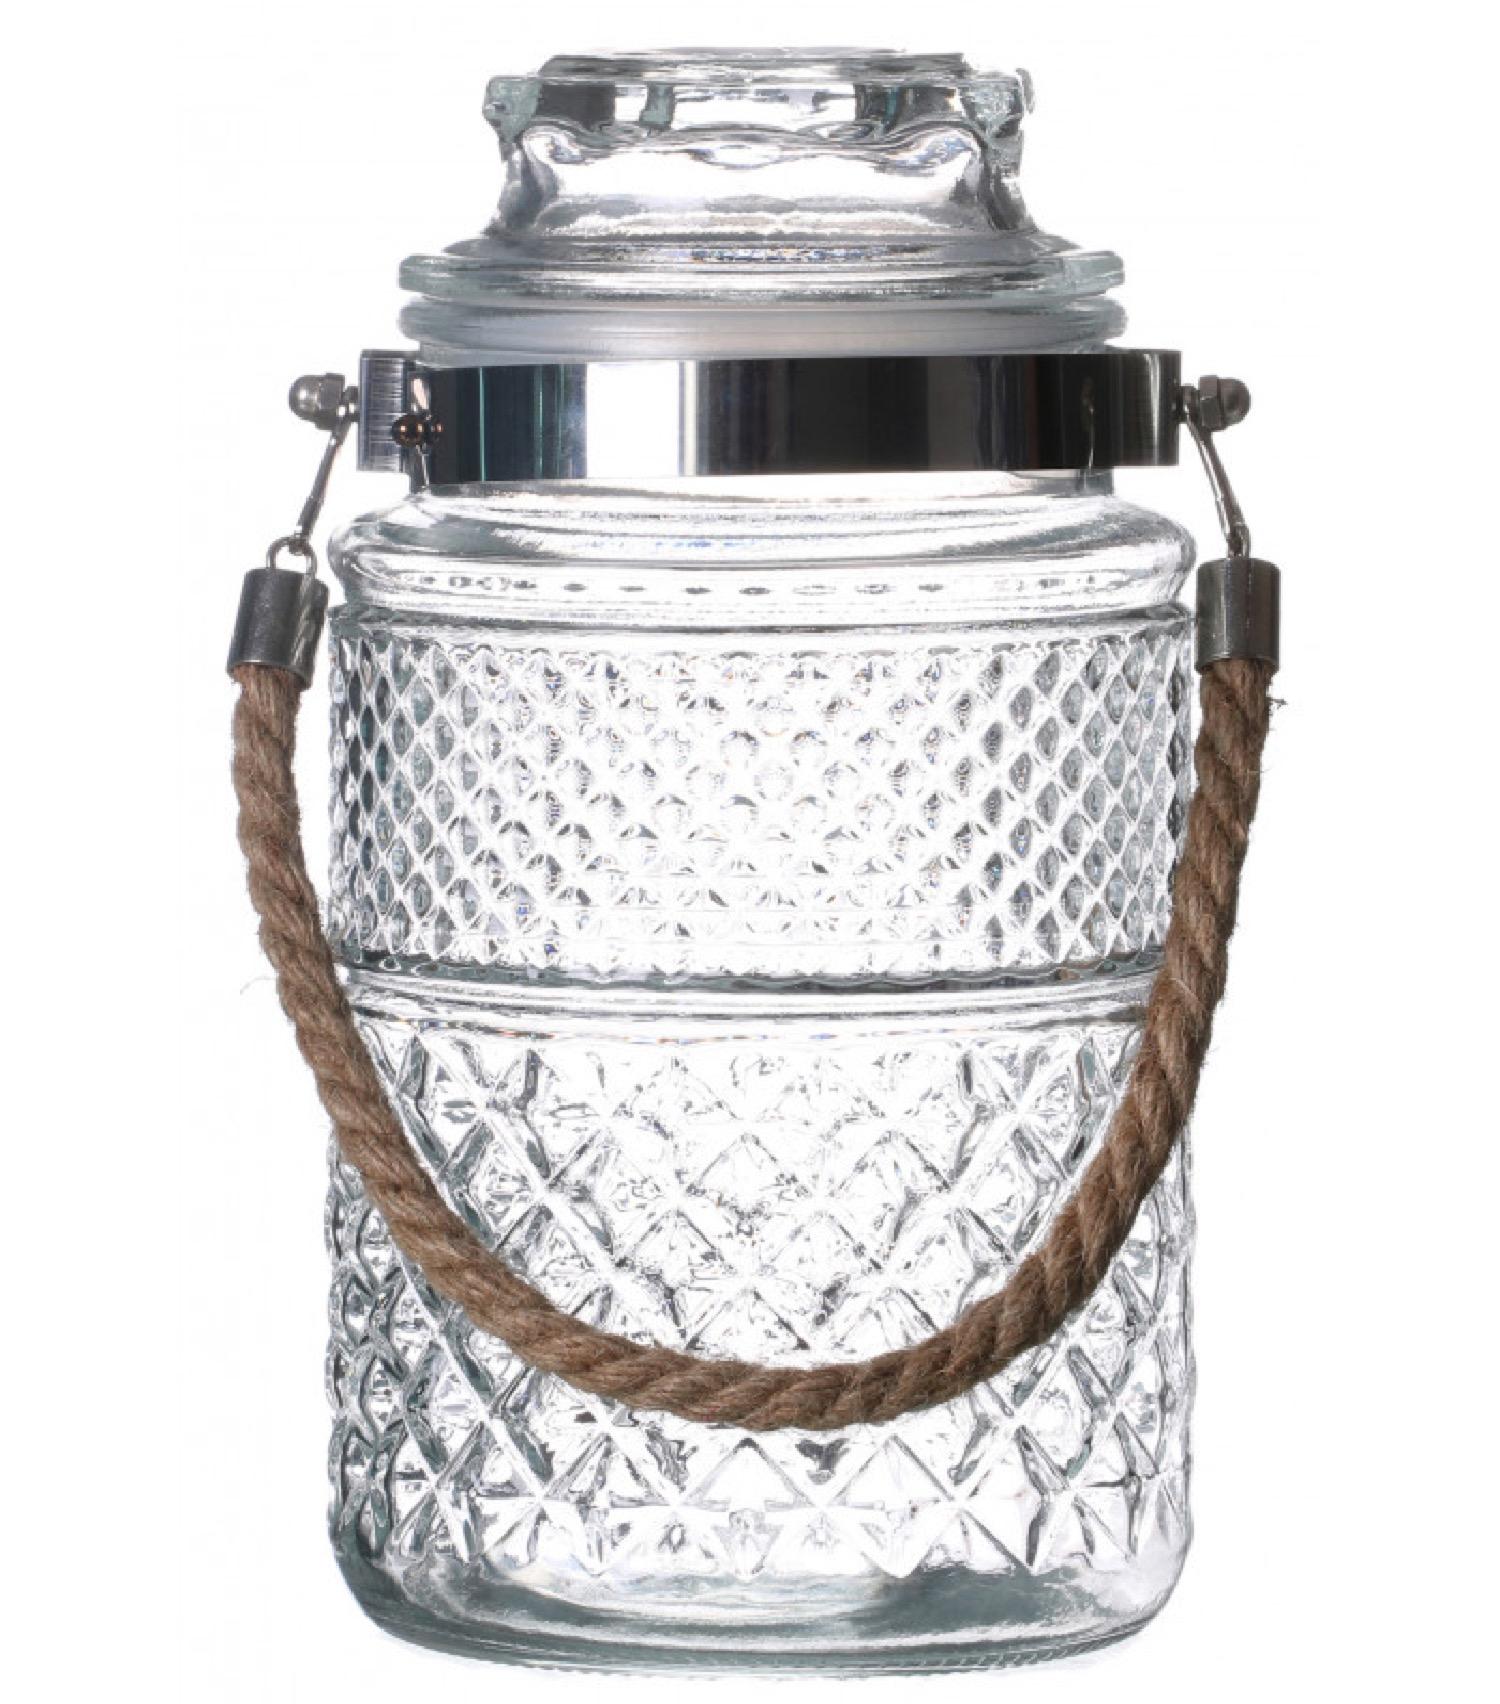 Bocal cuisine hermétique en verre avec anse en jute 1800ml